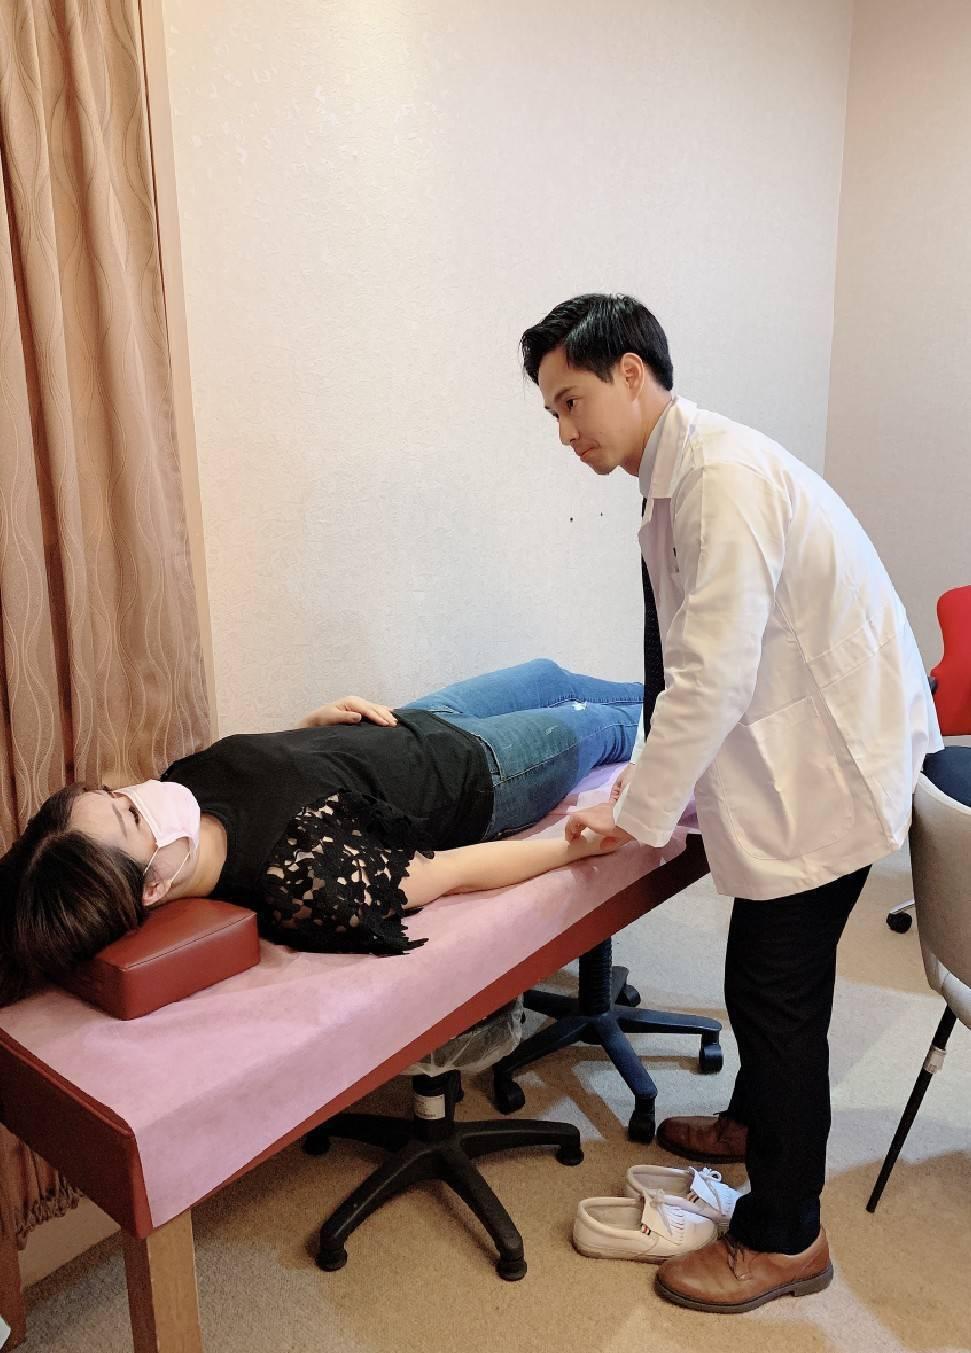 觀察病人表徵,詢問病況,聞氣味與傾聽病人的說法,最後把脈,並且做出結論。 圖/秀...